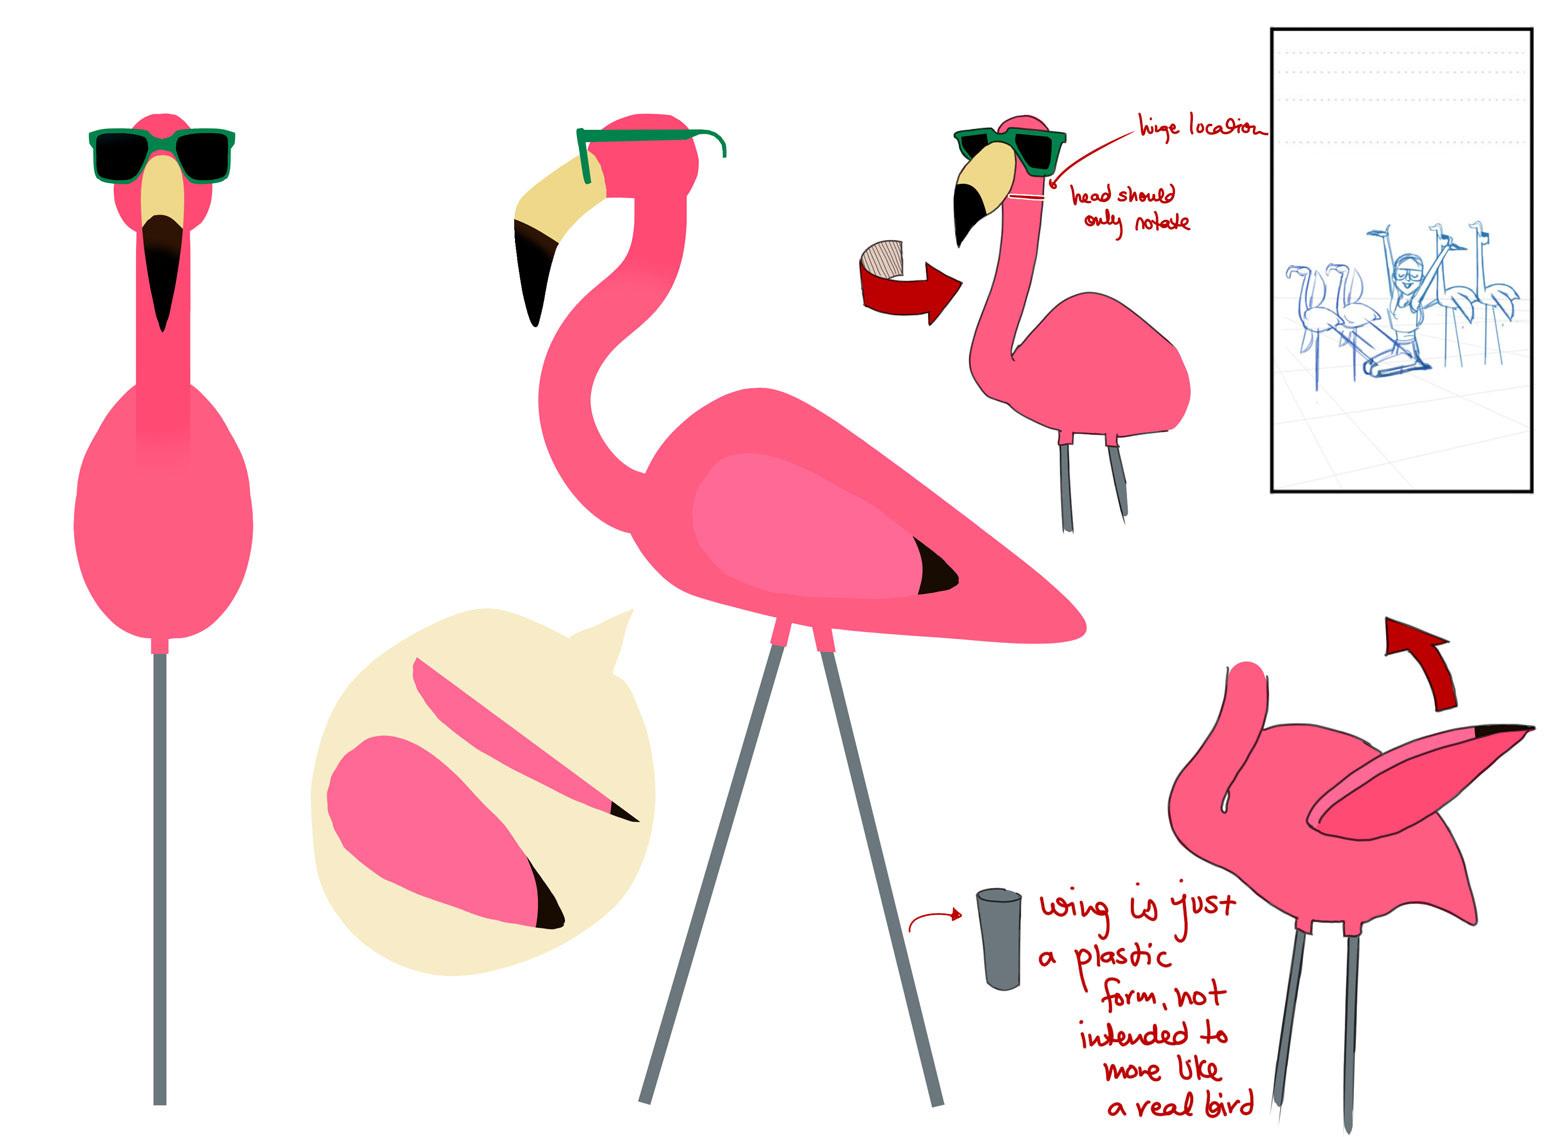 prop-flamingo.jpg